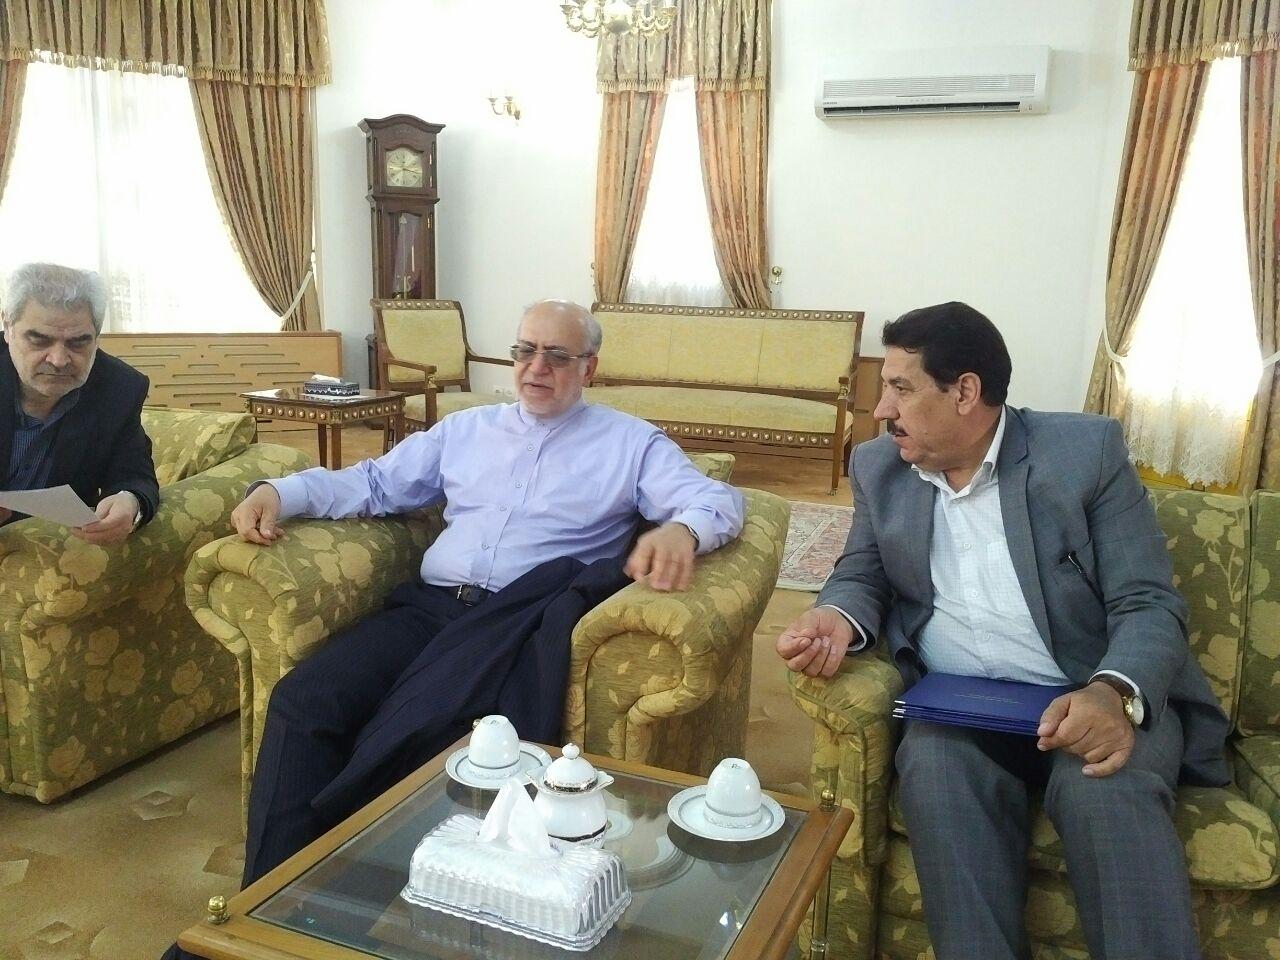 دکتر محرابی خواستار تسریع شرکت ایران خودرو در پروژه خودروسازی استان شد